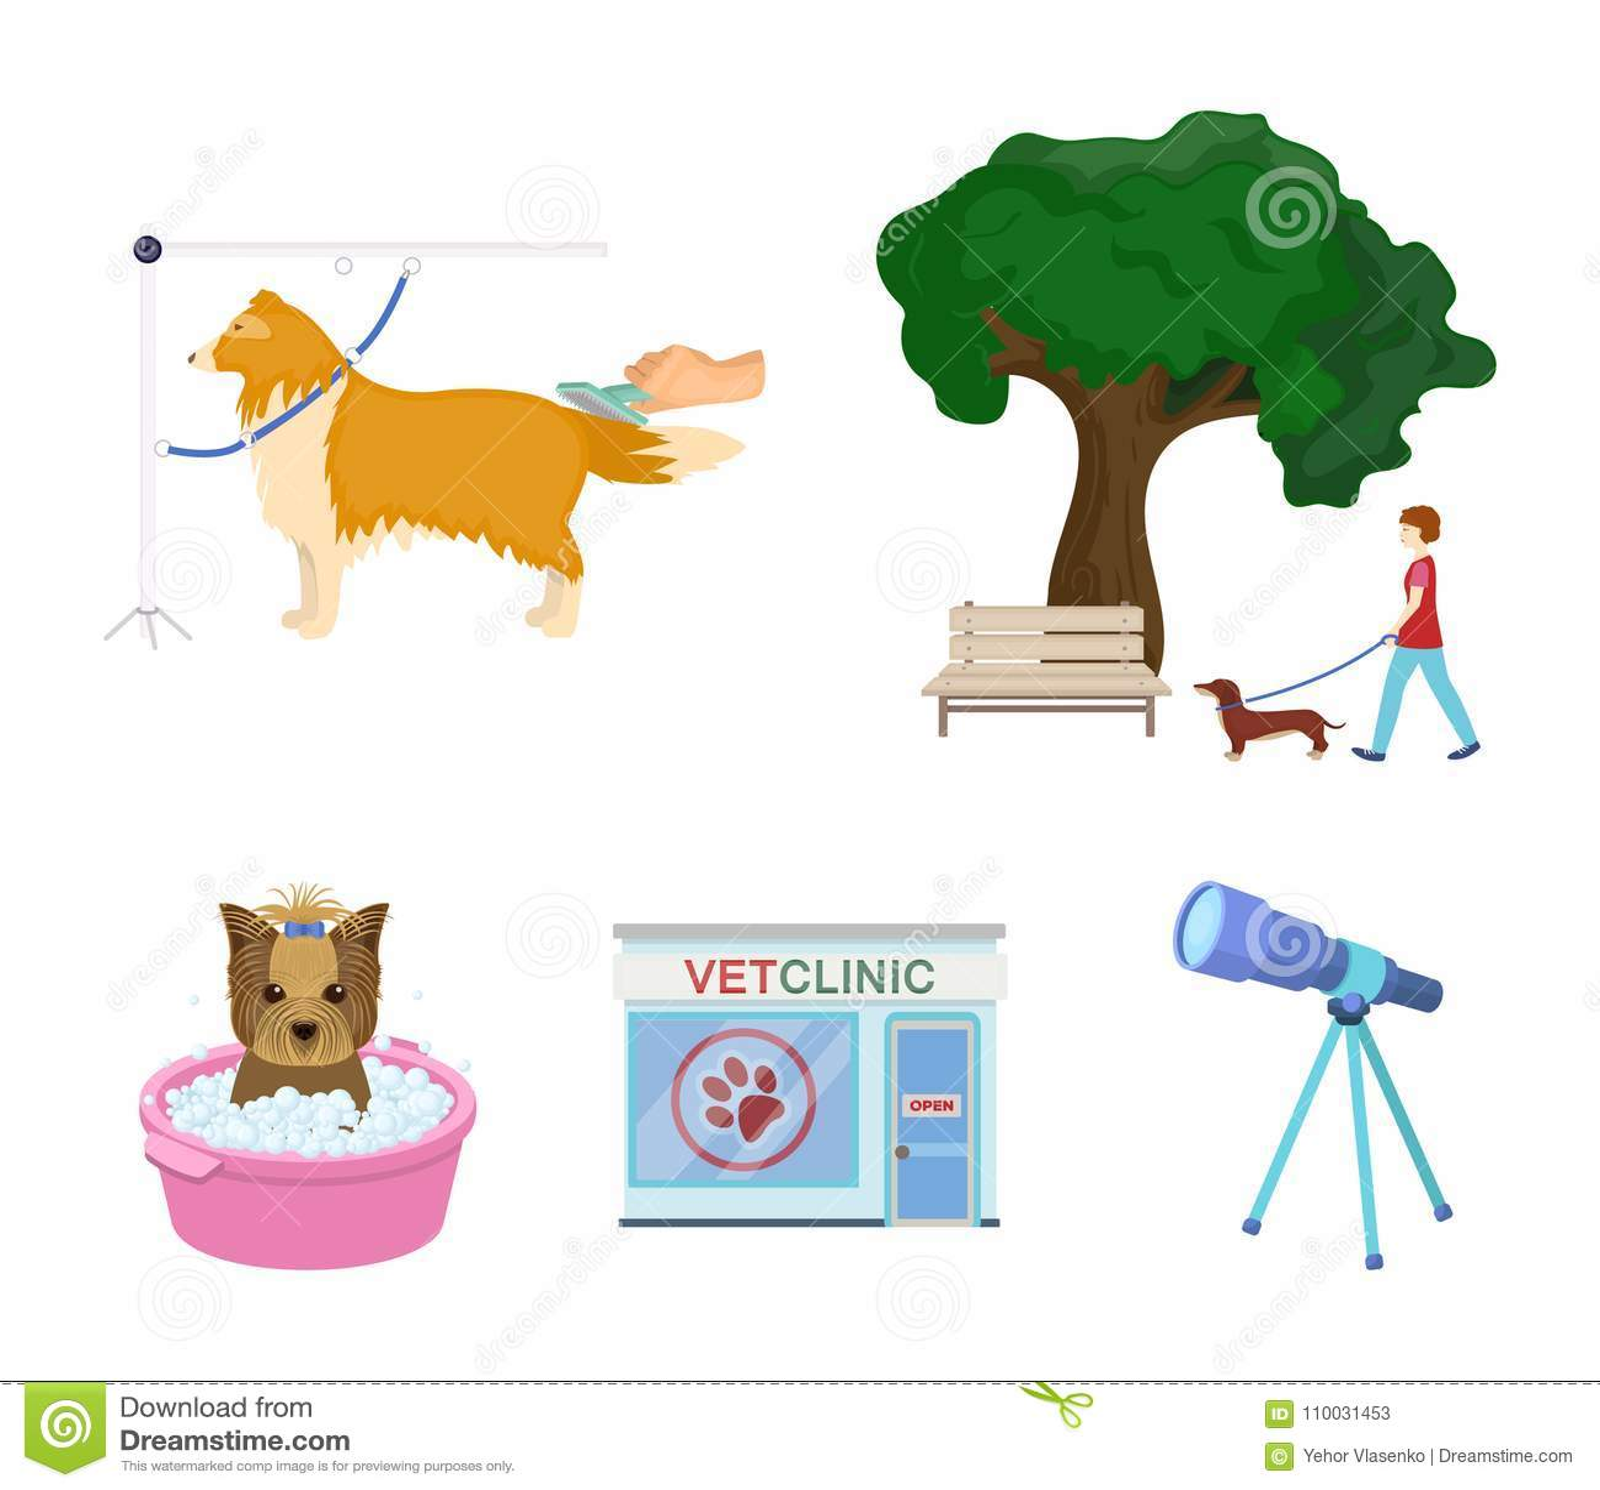 Lopend met een hond in het park, die een hond, een veterinair bureau van ` kammen s, die een huisdier baden Van het dierenartskli